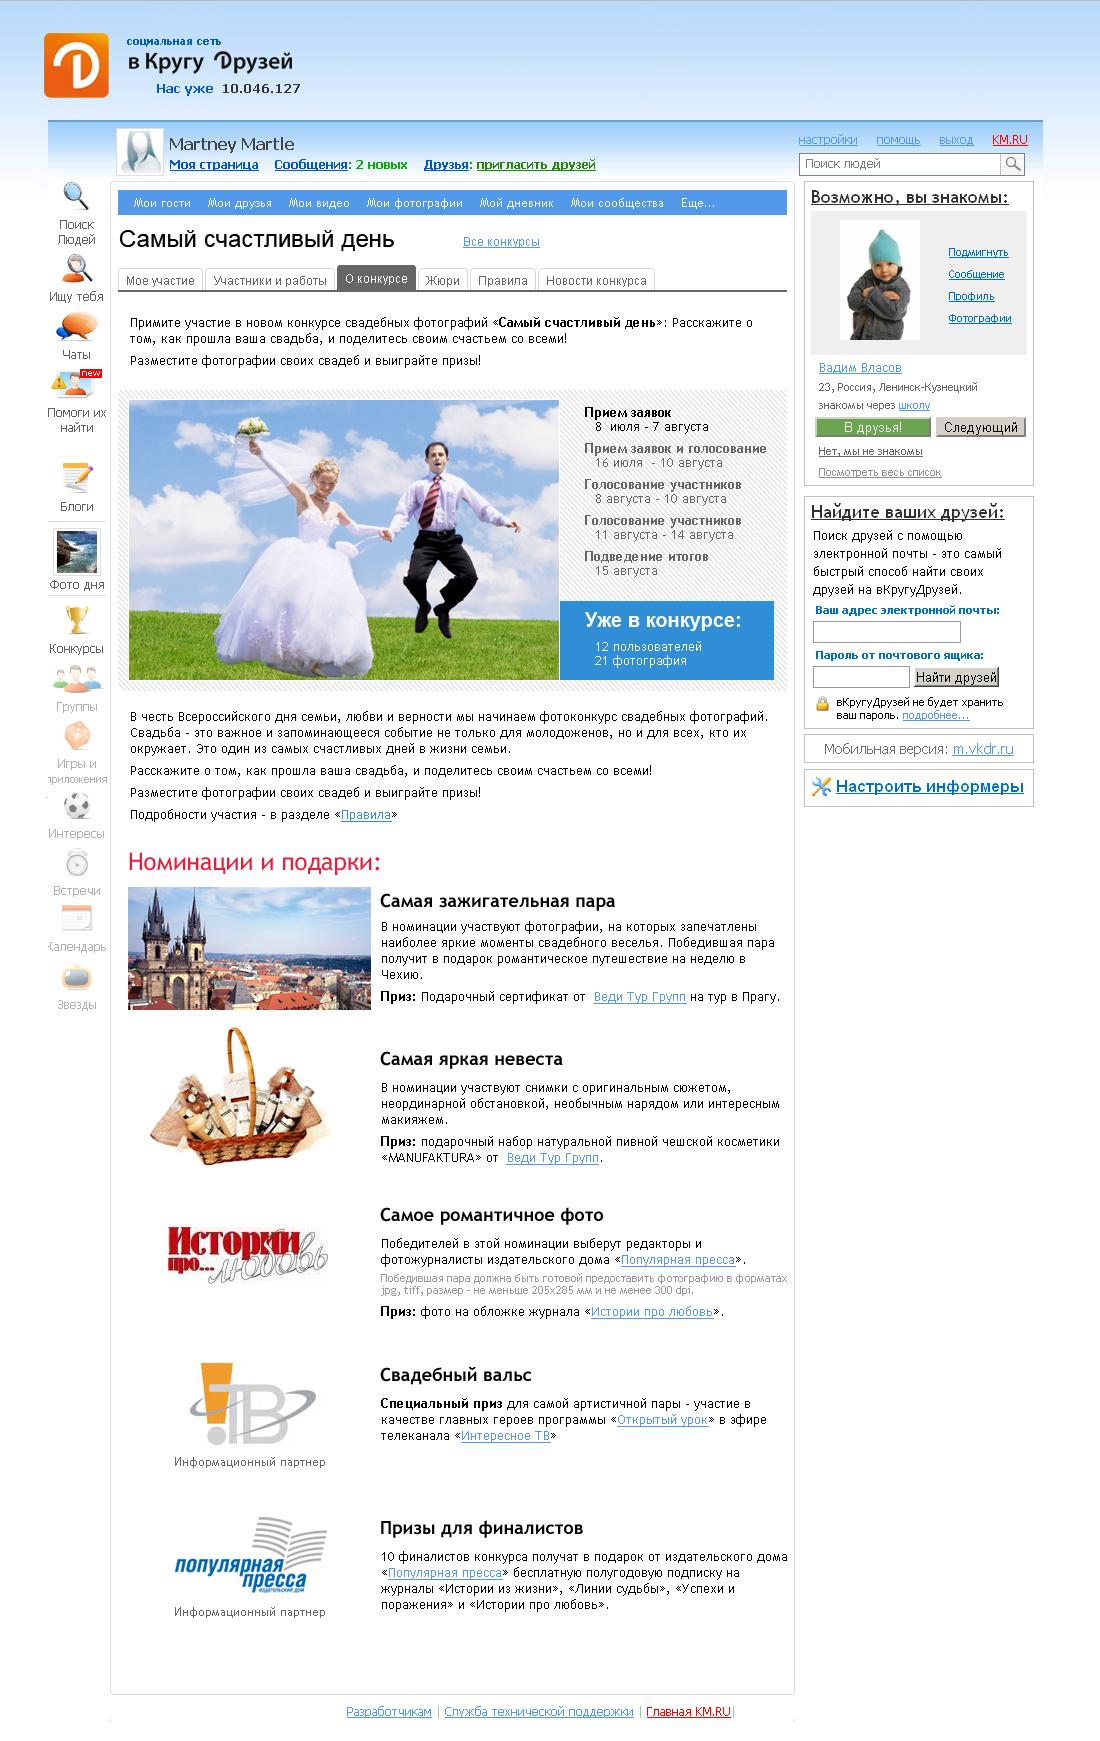 Новости соцсети «В кругу друзей»: женихи и невесты